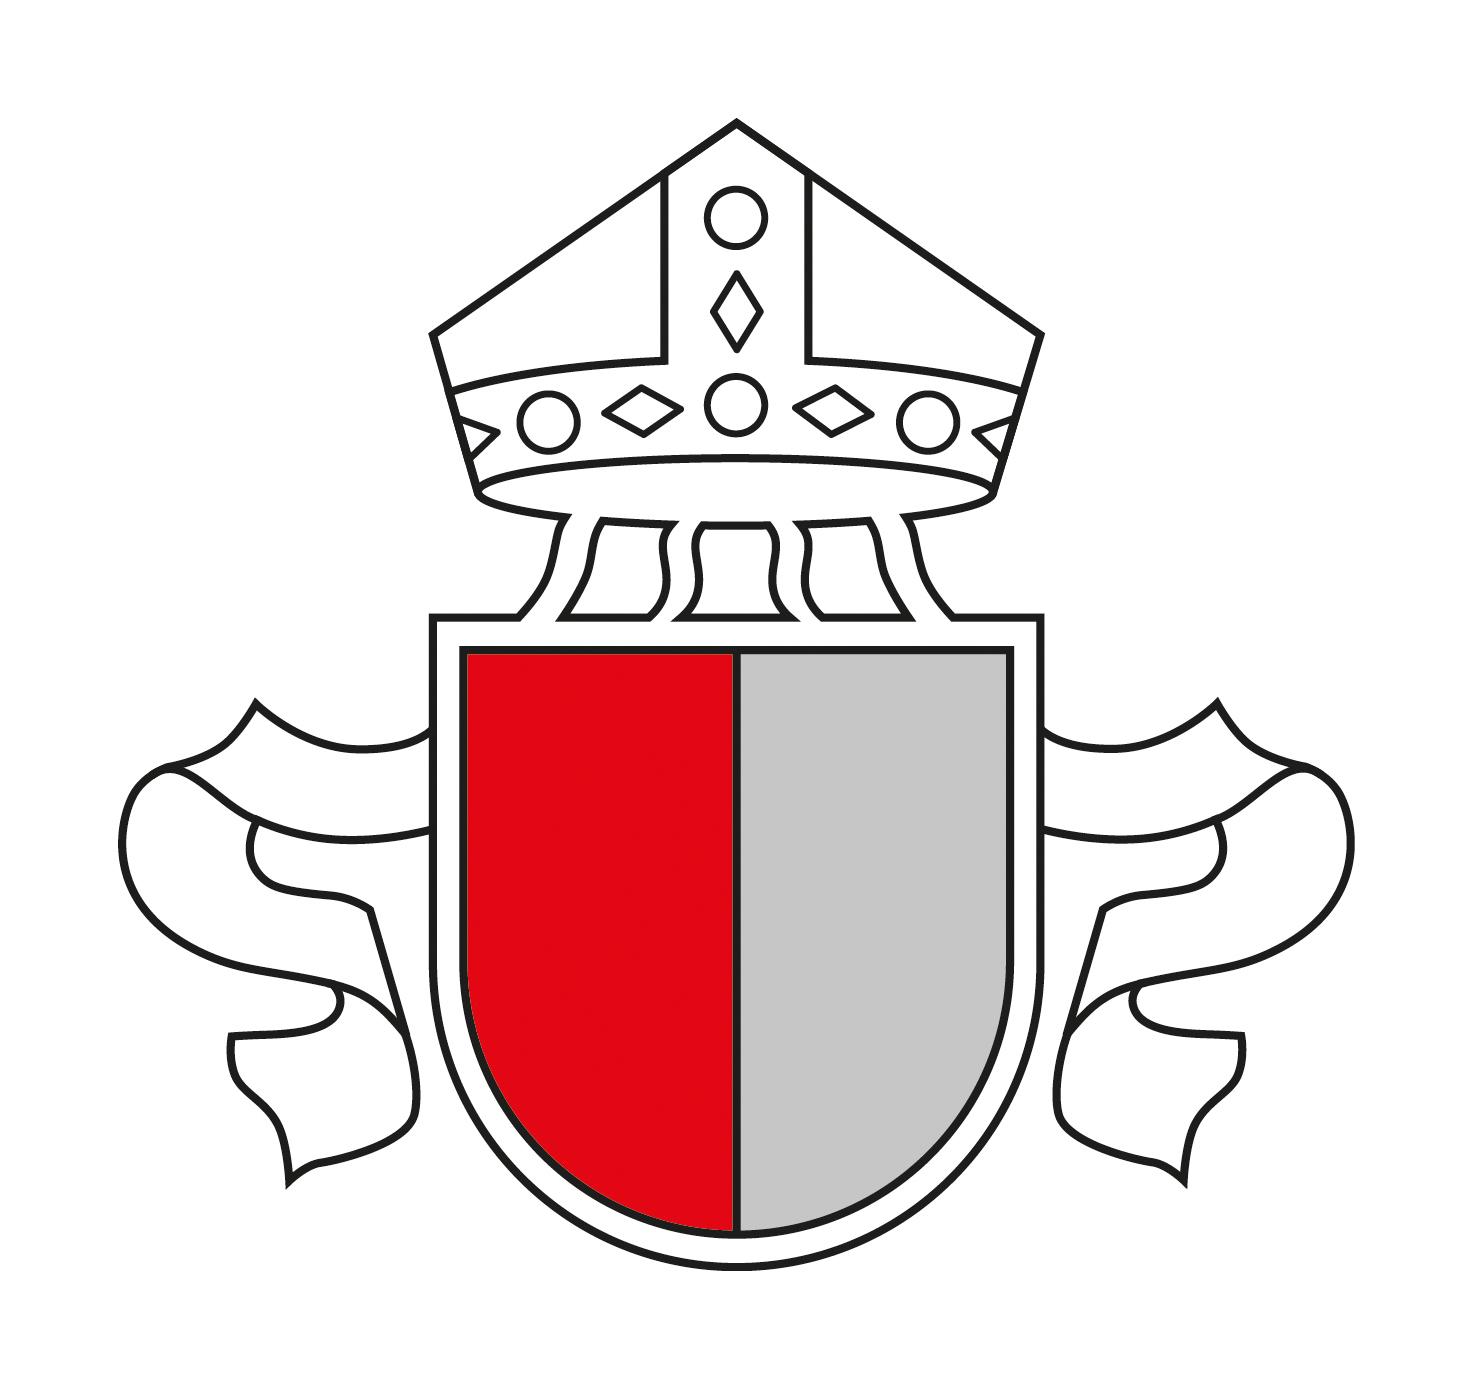 Pastoralvisitation im Bistum Augsburg: Die Vorbereitungen sind bereits angelaufen